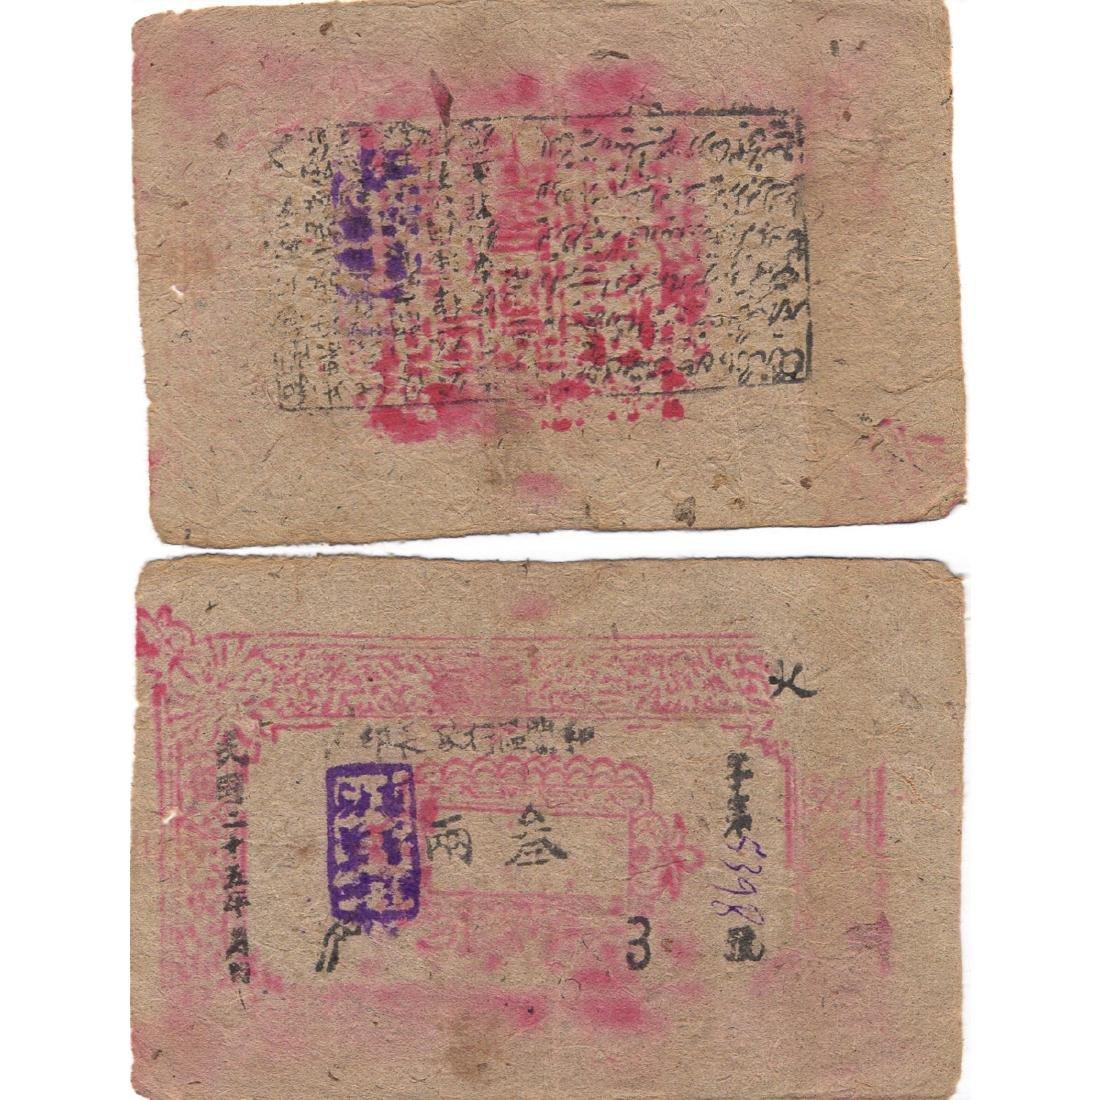 CHINA. 3 TAELS 1935 PROVINCIA KHOTAN IN SINKIANG